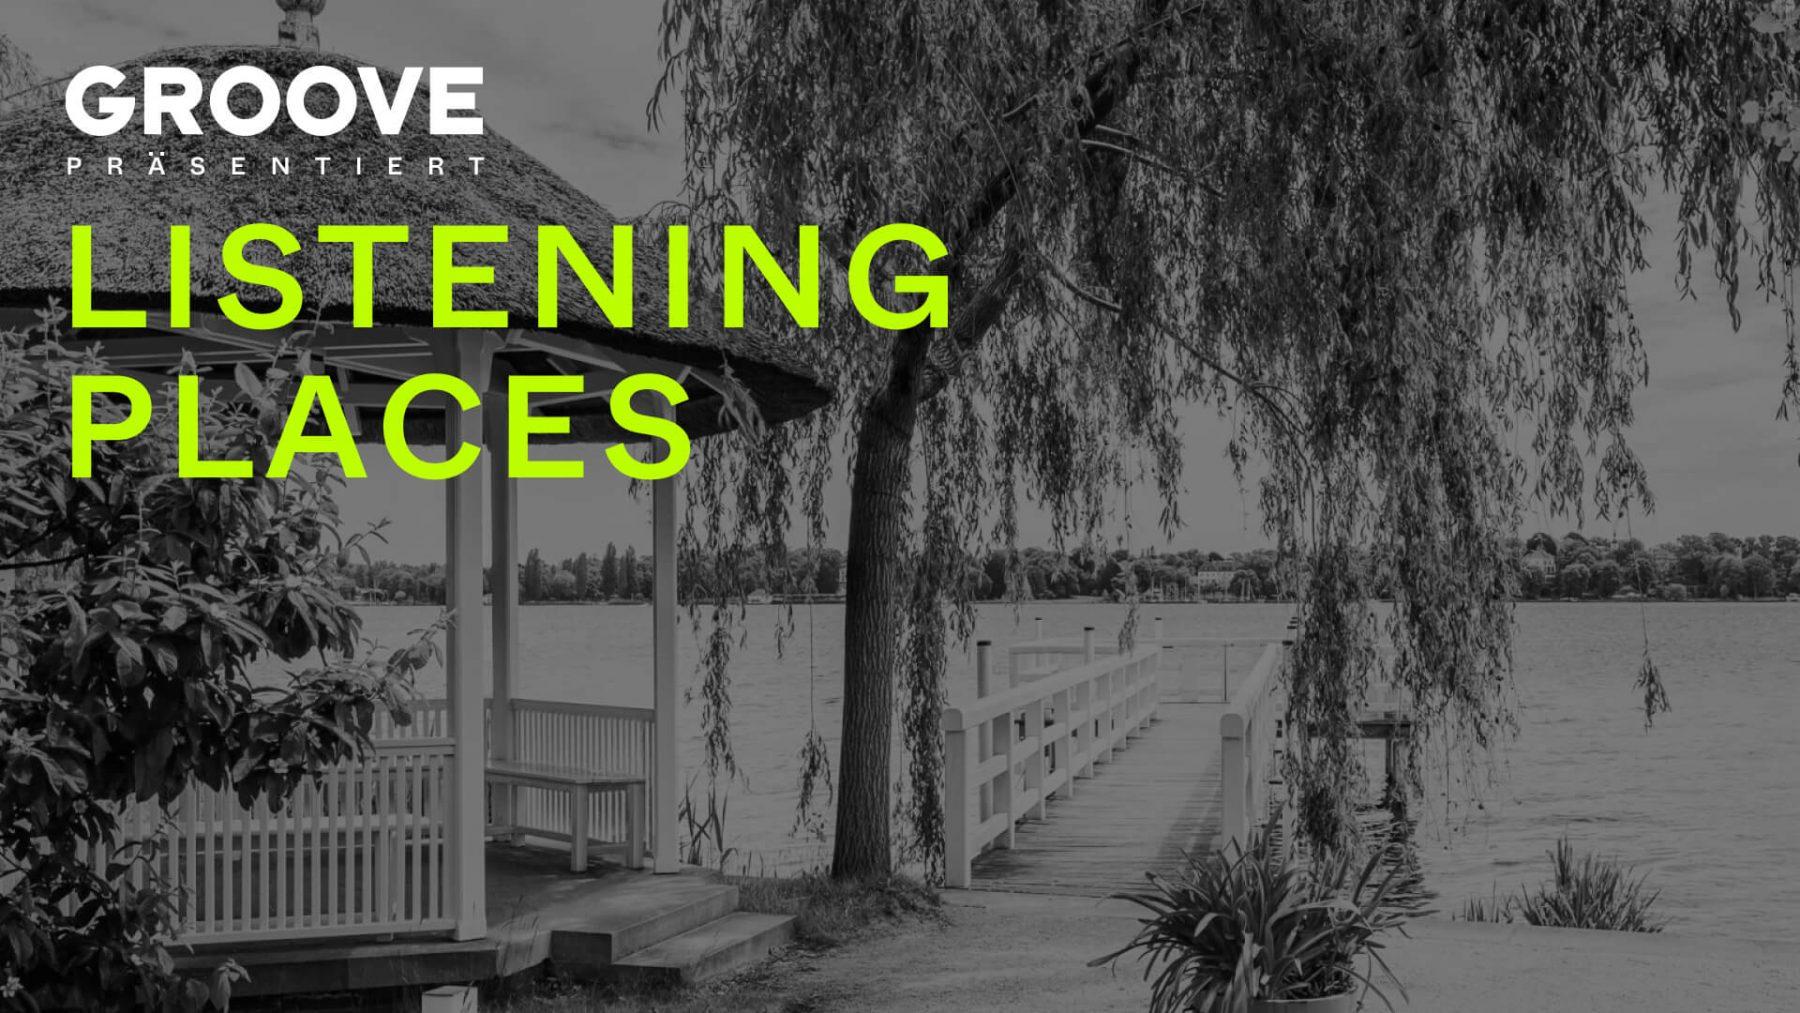 """Grafik zur Konzertreihe """"Listening Places"""" mit dem Steg der Liebermann-Villa im Hintergrund"""